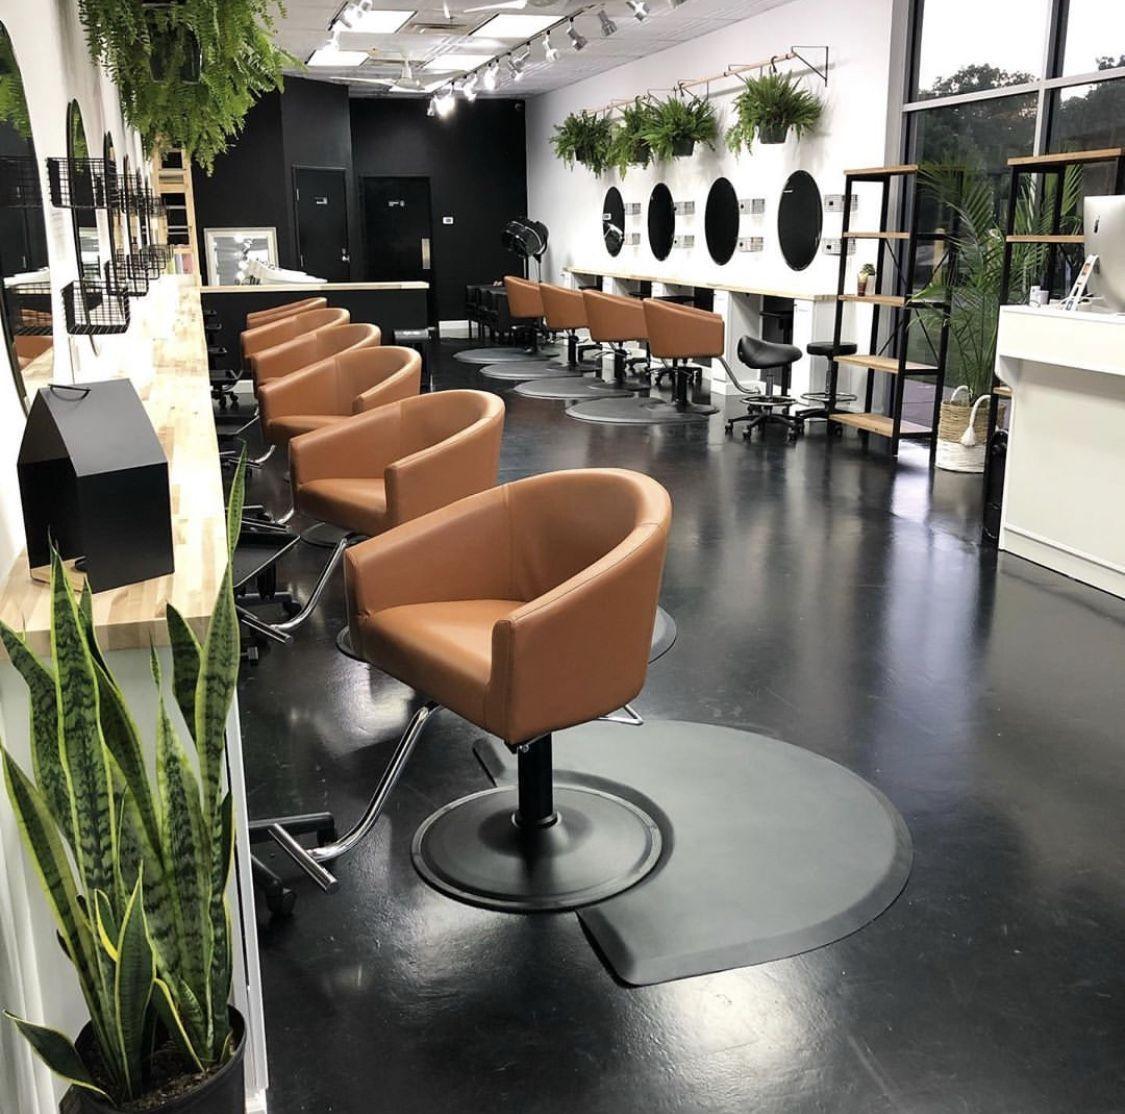 Spa Salon Interior Design Gallery Salon Interior Design South Africa French Hair Salon Interior In 2020 Salon Suites Decor Hair Salon Interior Salon Interior Design